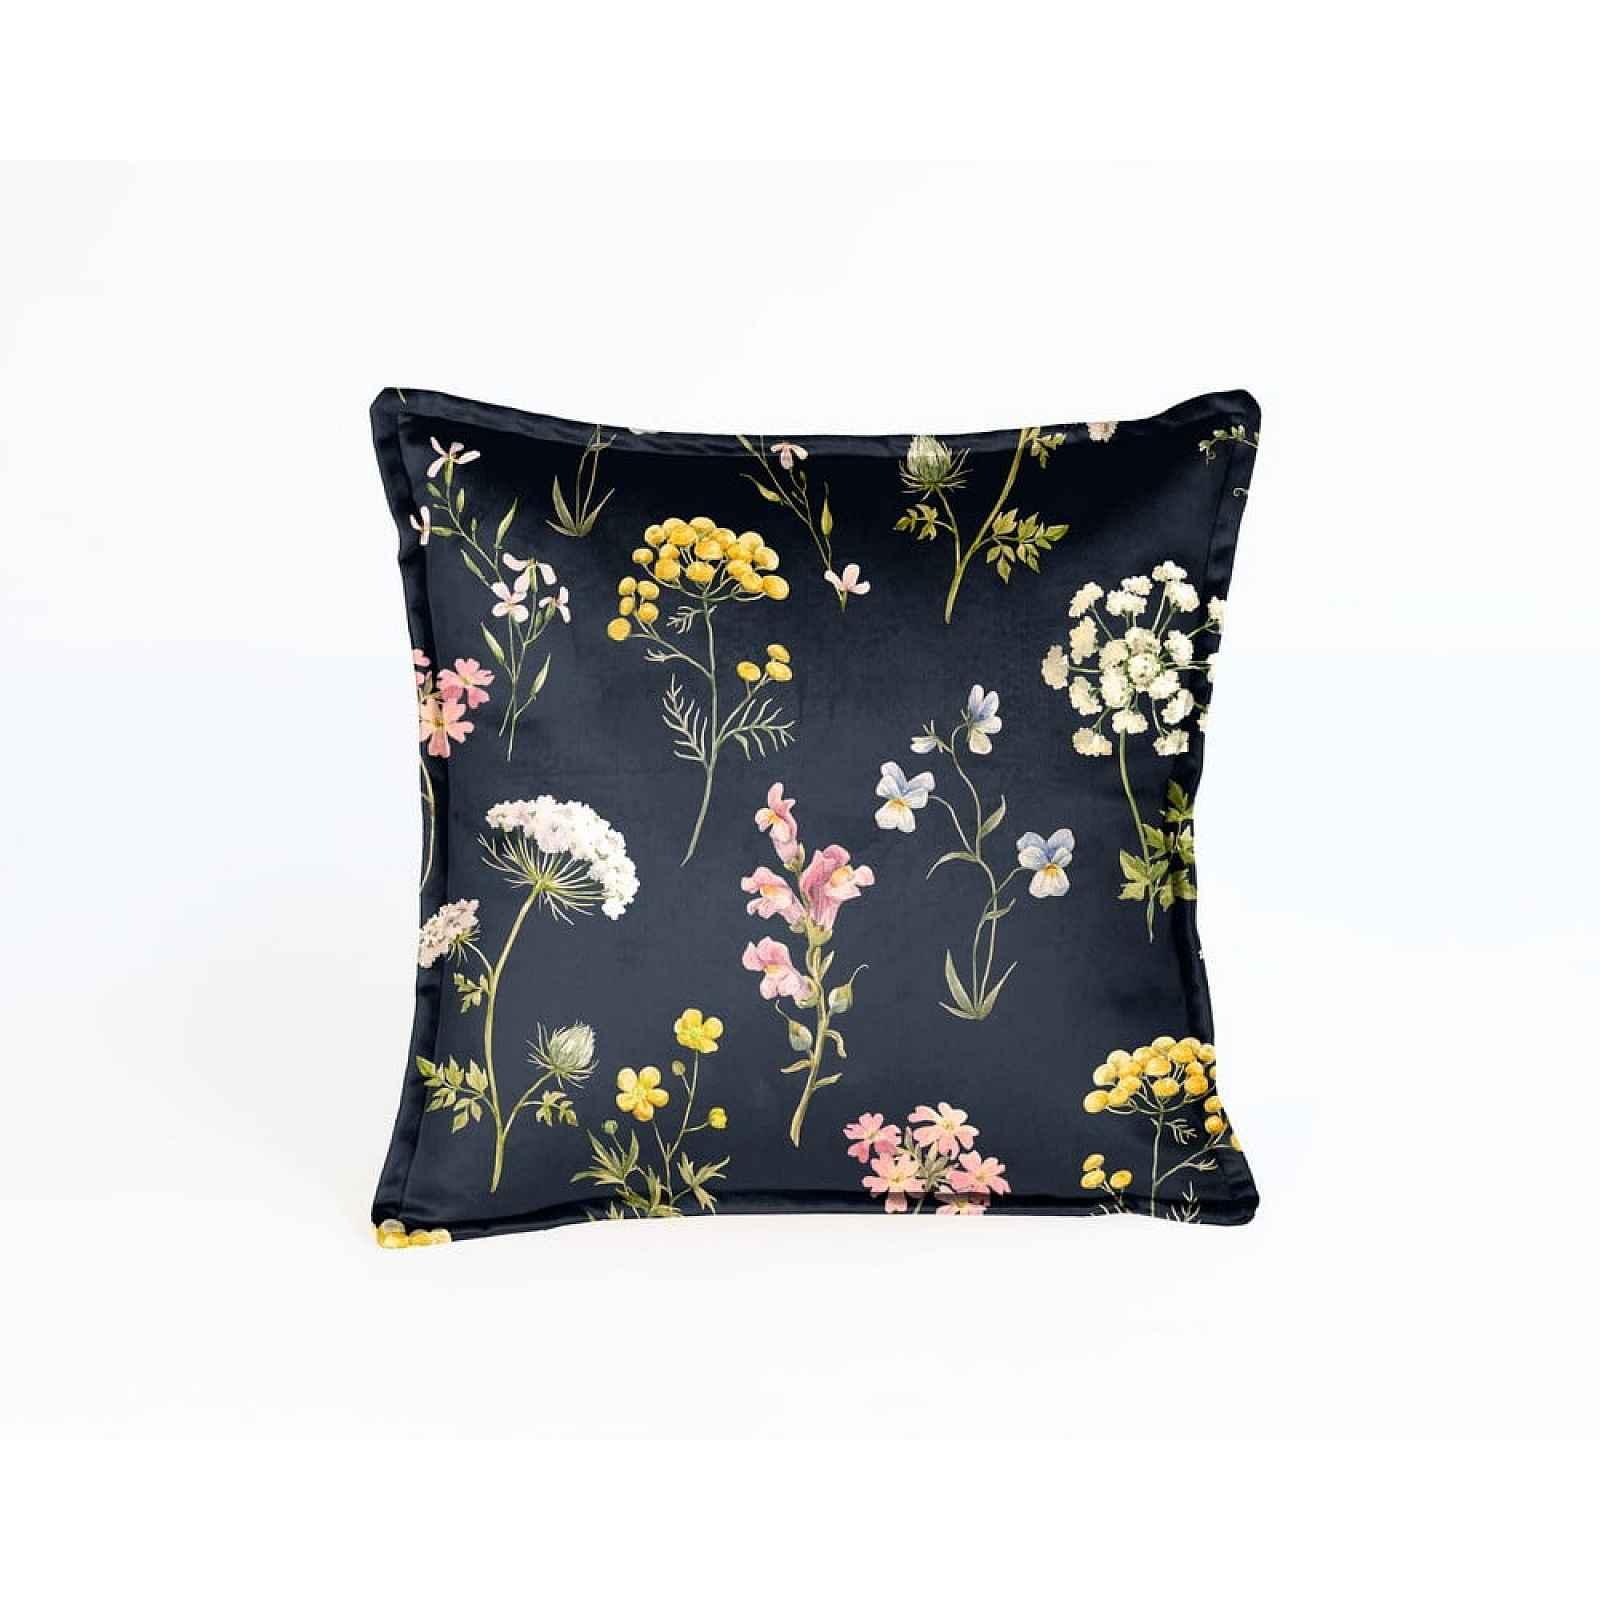 Tmavě modrý polštář s květinovým vzorem Velvet Atelier Flowers,45x45cm